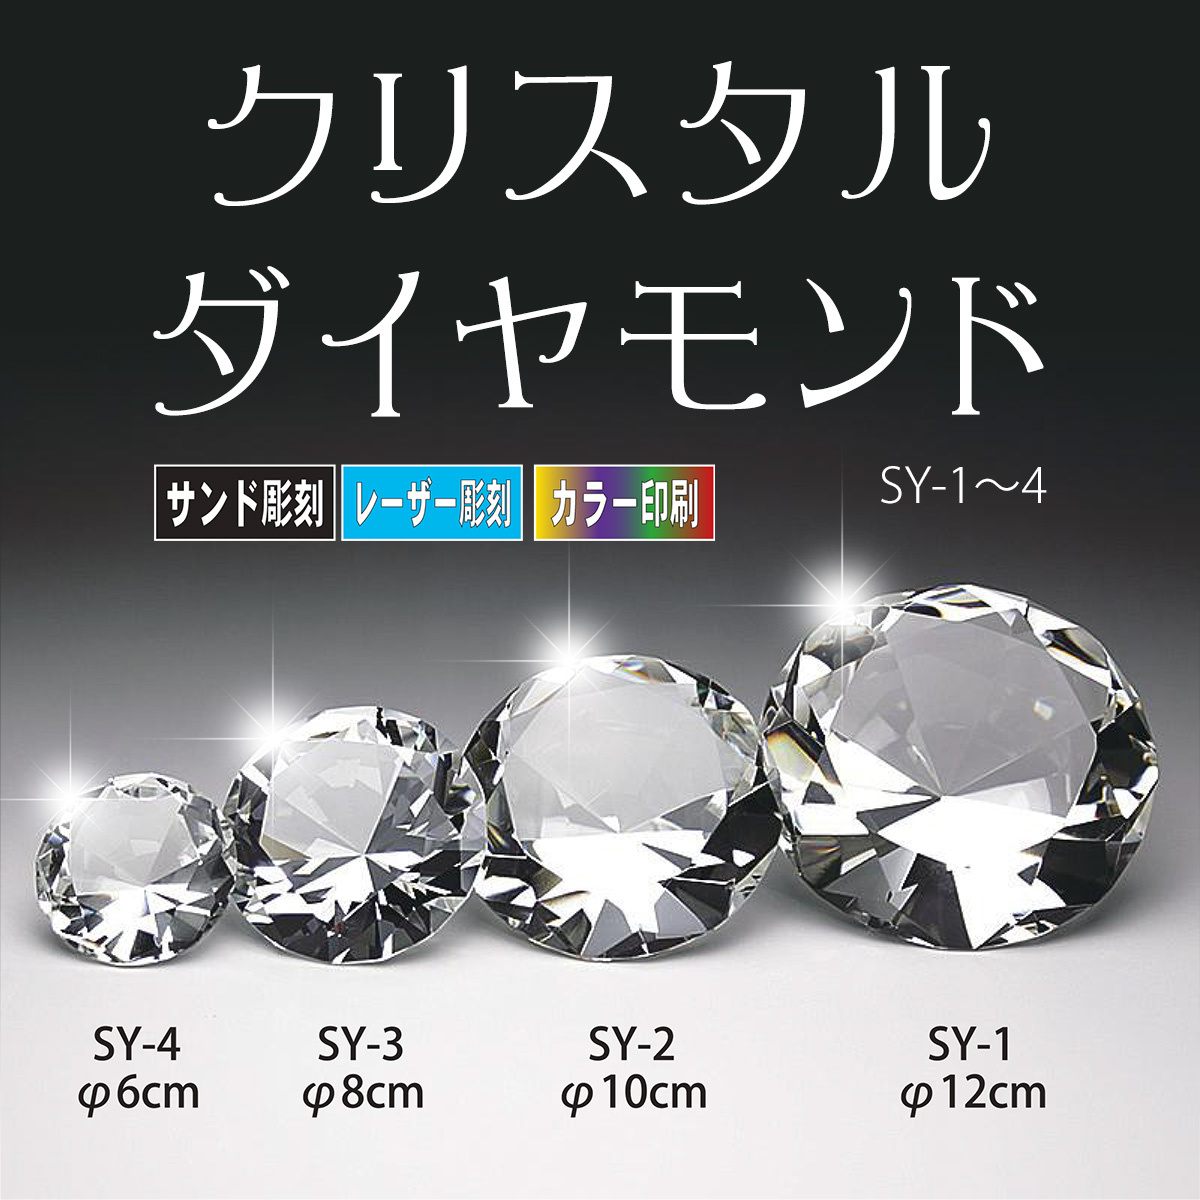 クリスタルダイヤモンド SY-1_4画像